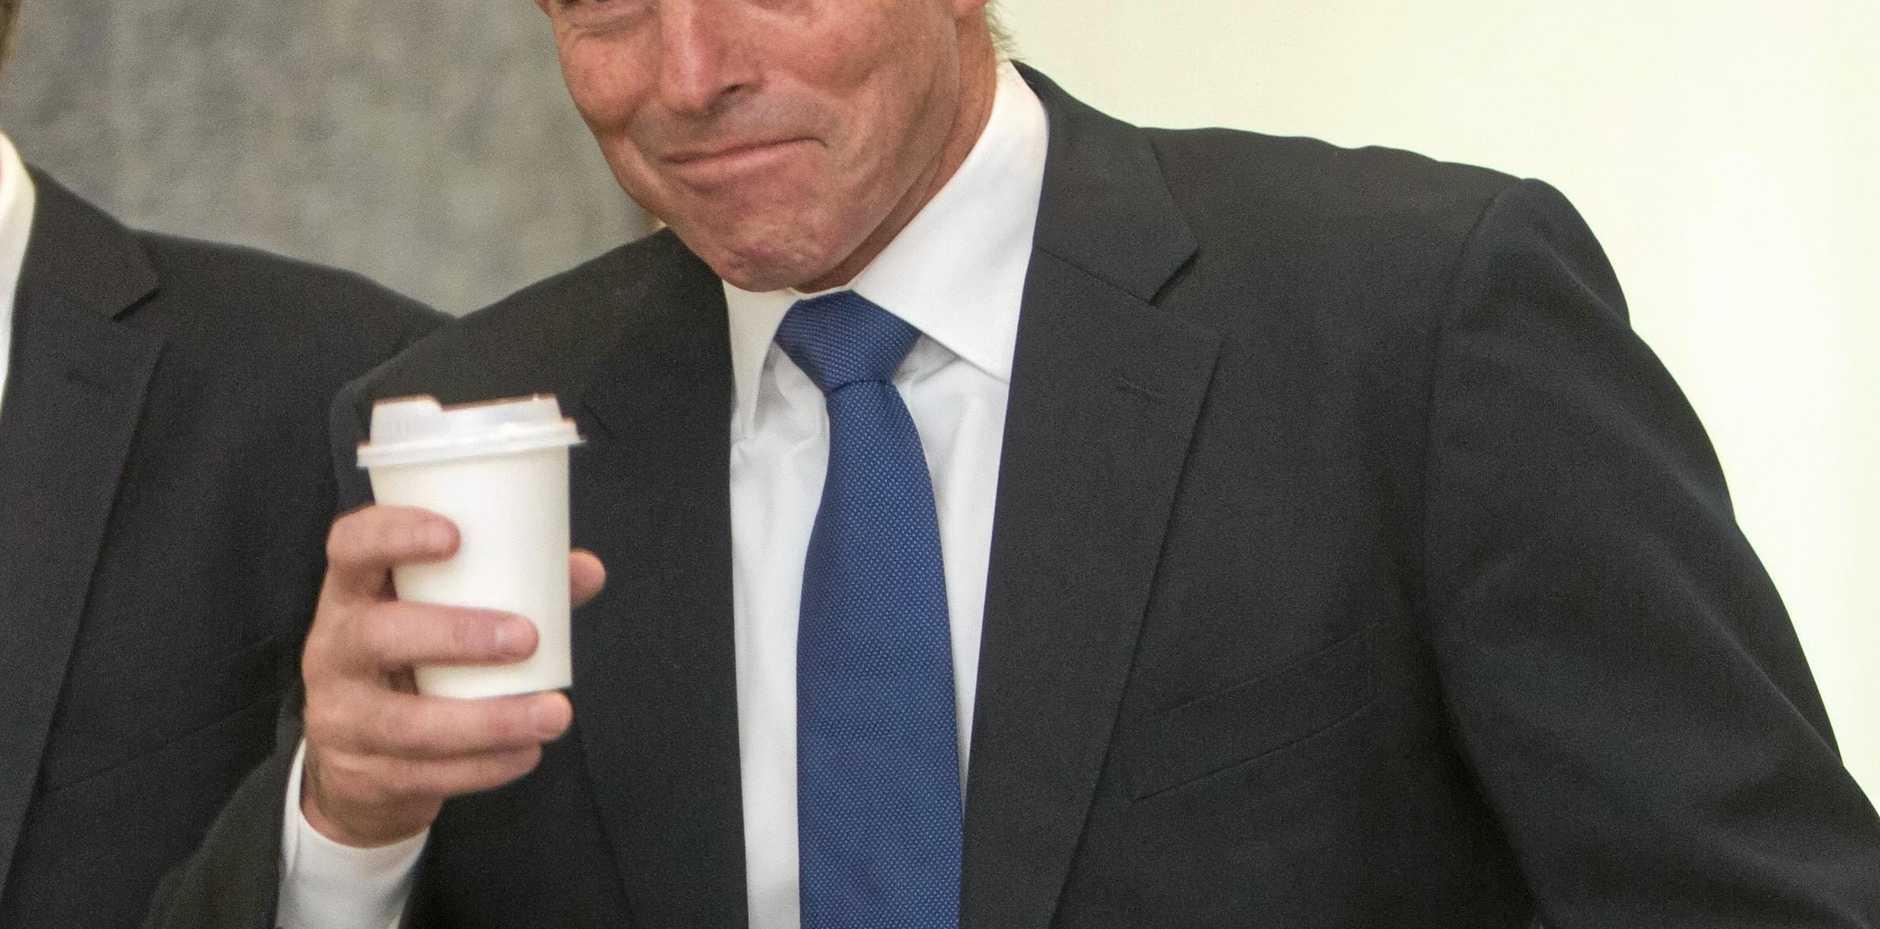 Former PM Tony Abbott